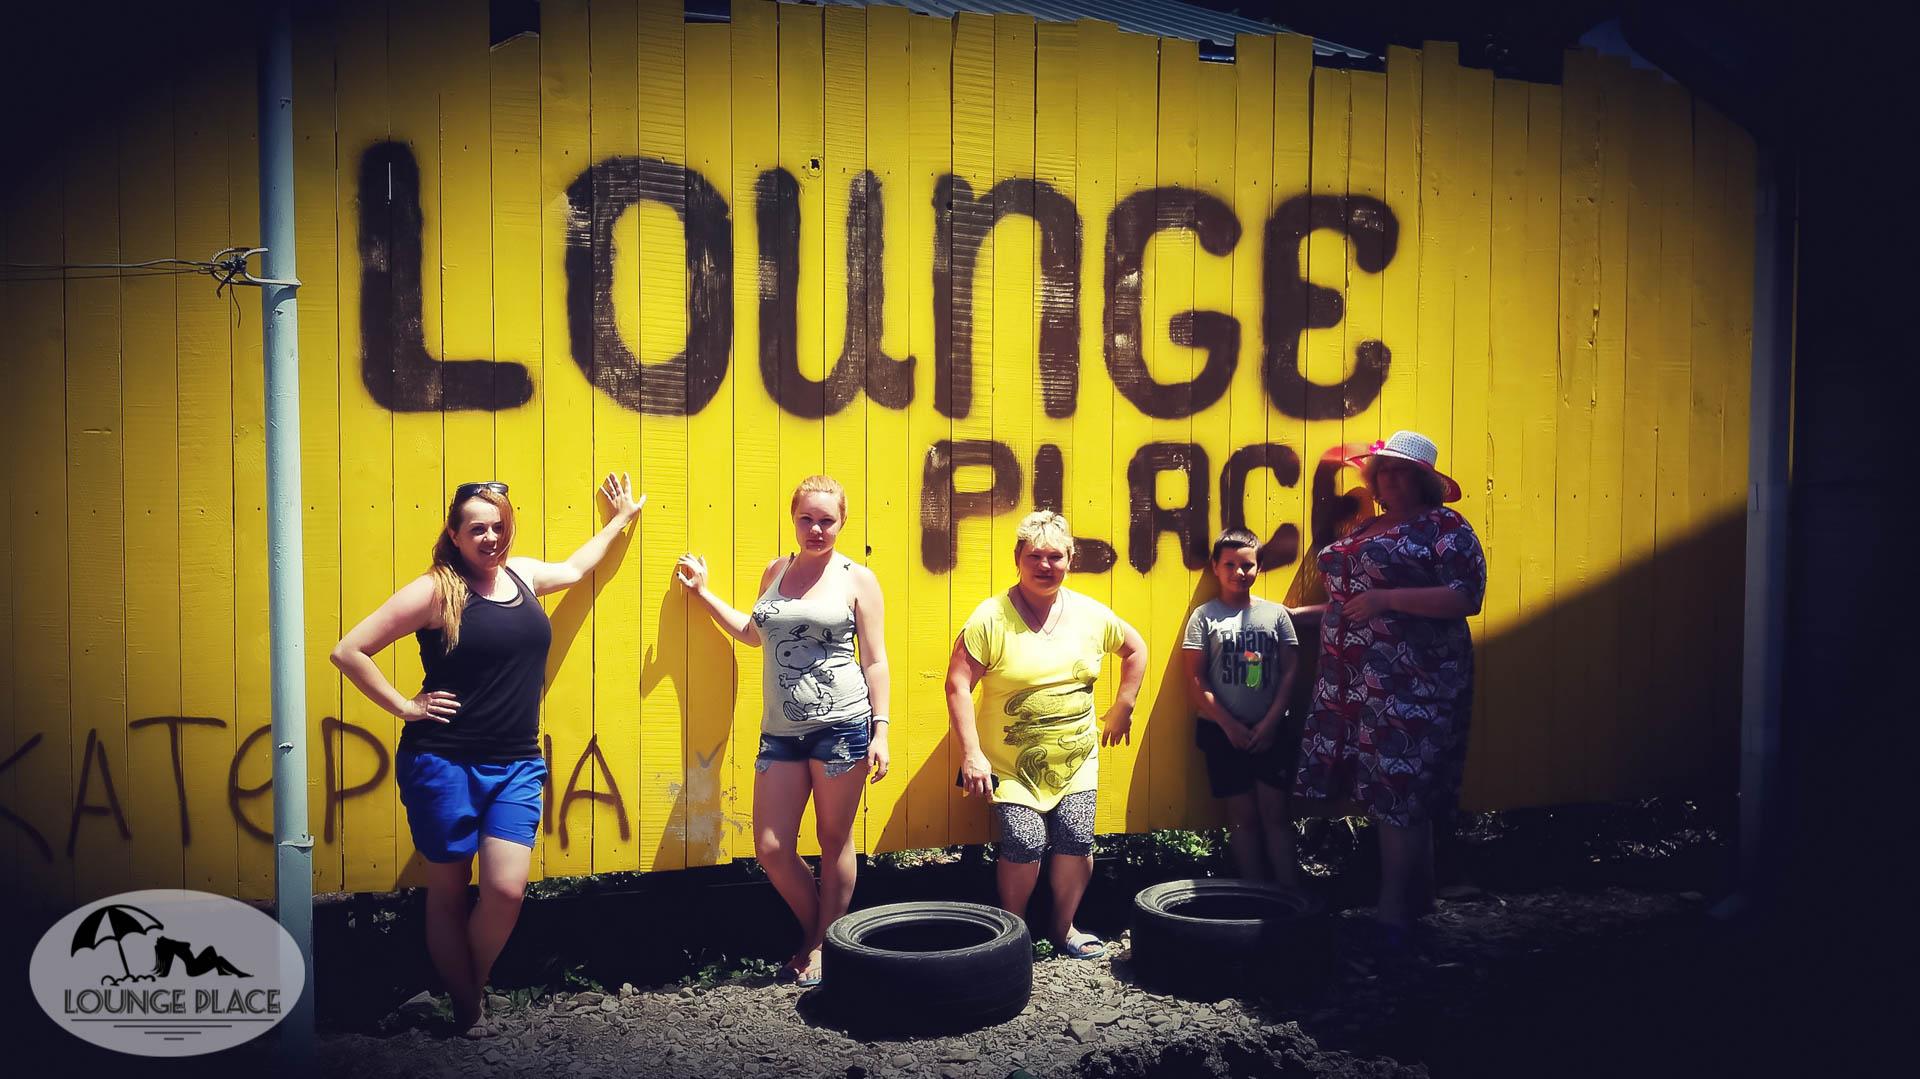 Гостиница Lounge Place